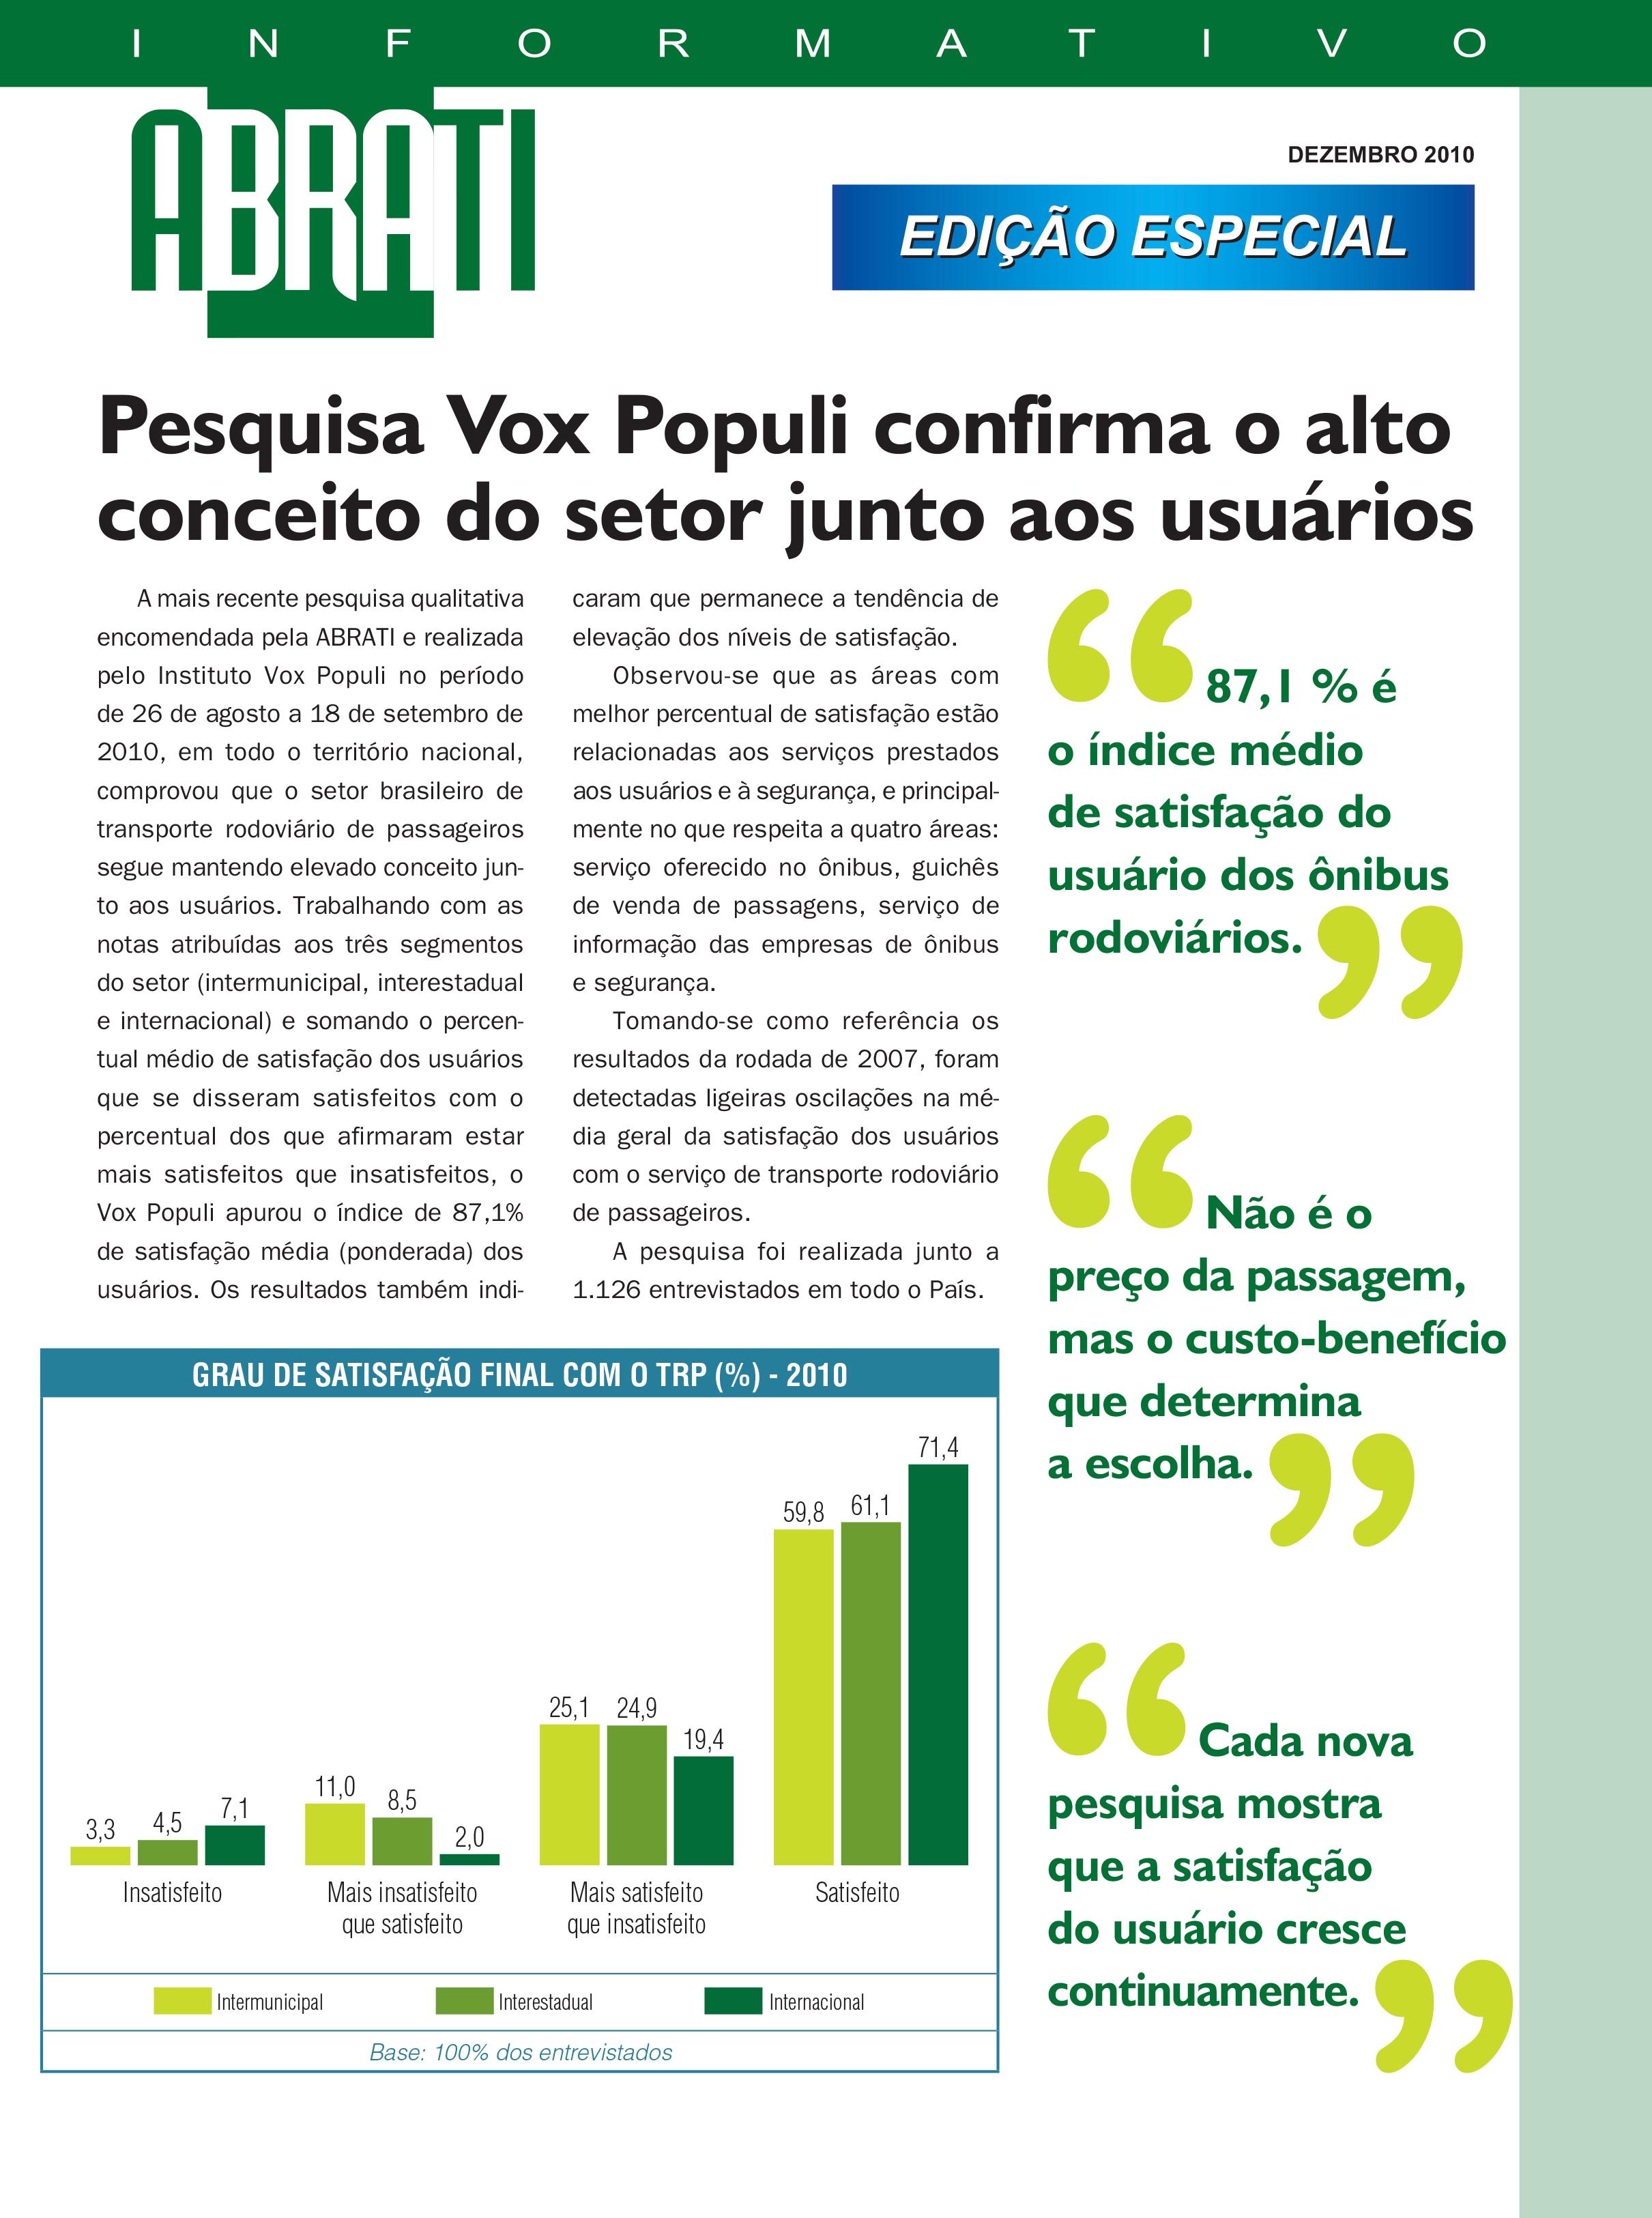 Informativo Especial Dezembro 2010